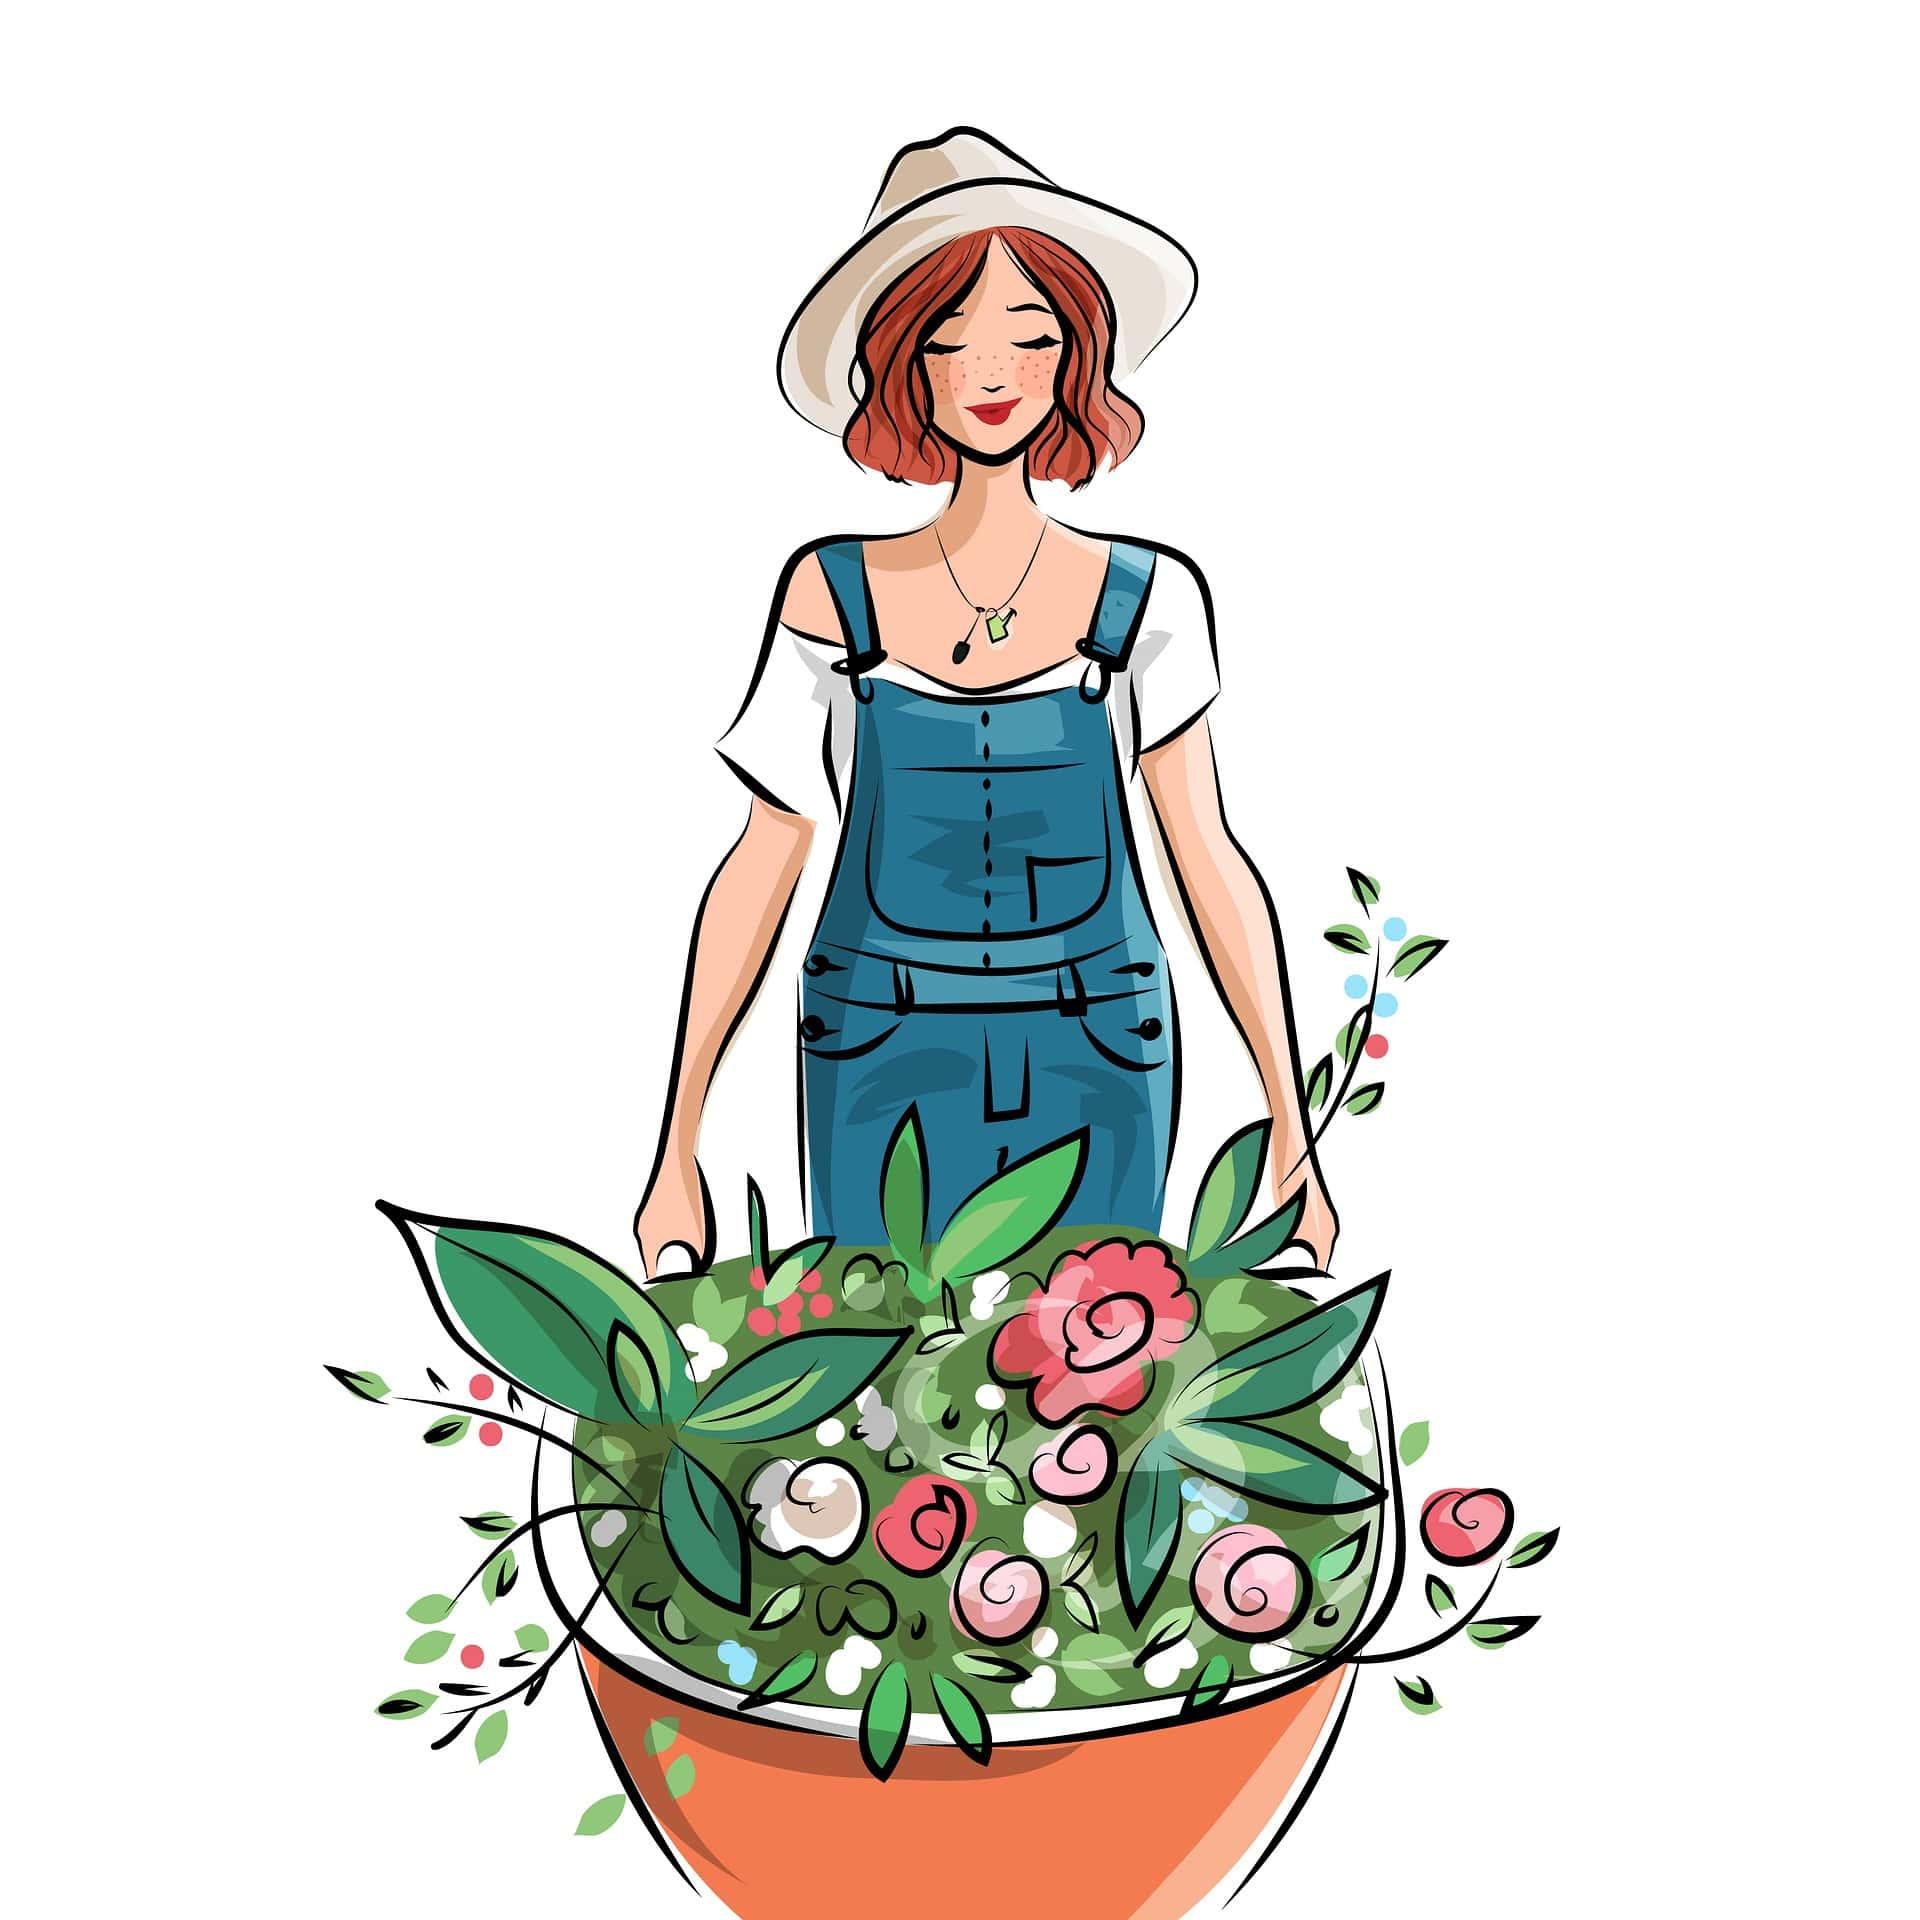 Glaubenssätze - werde zum Gärtner deiner Gedanken